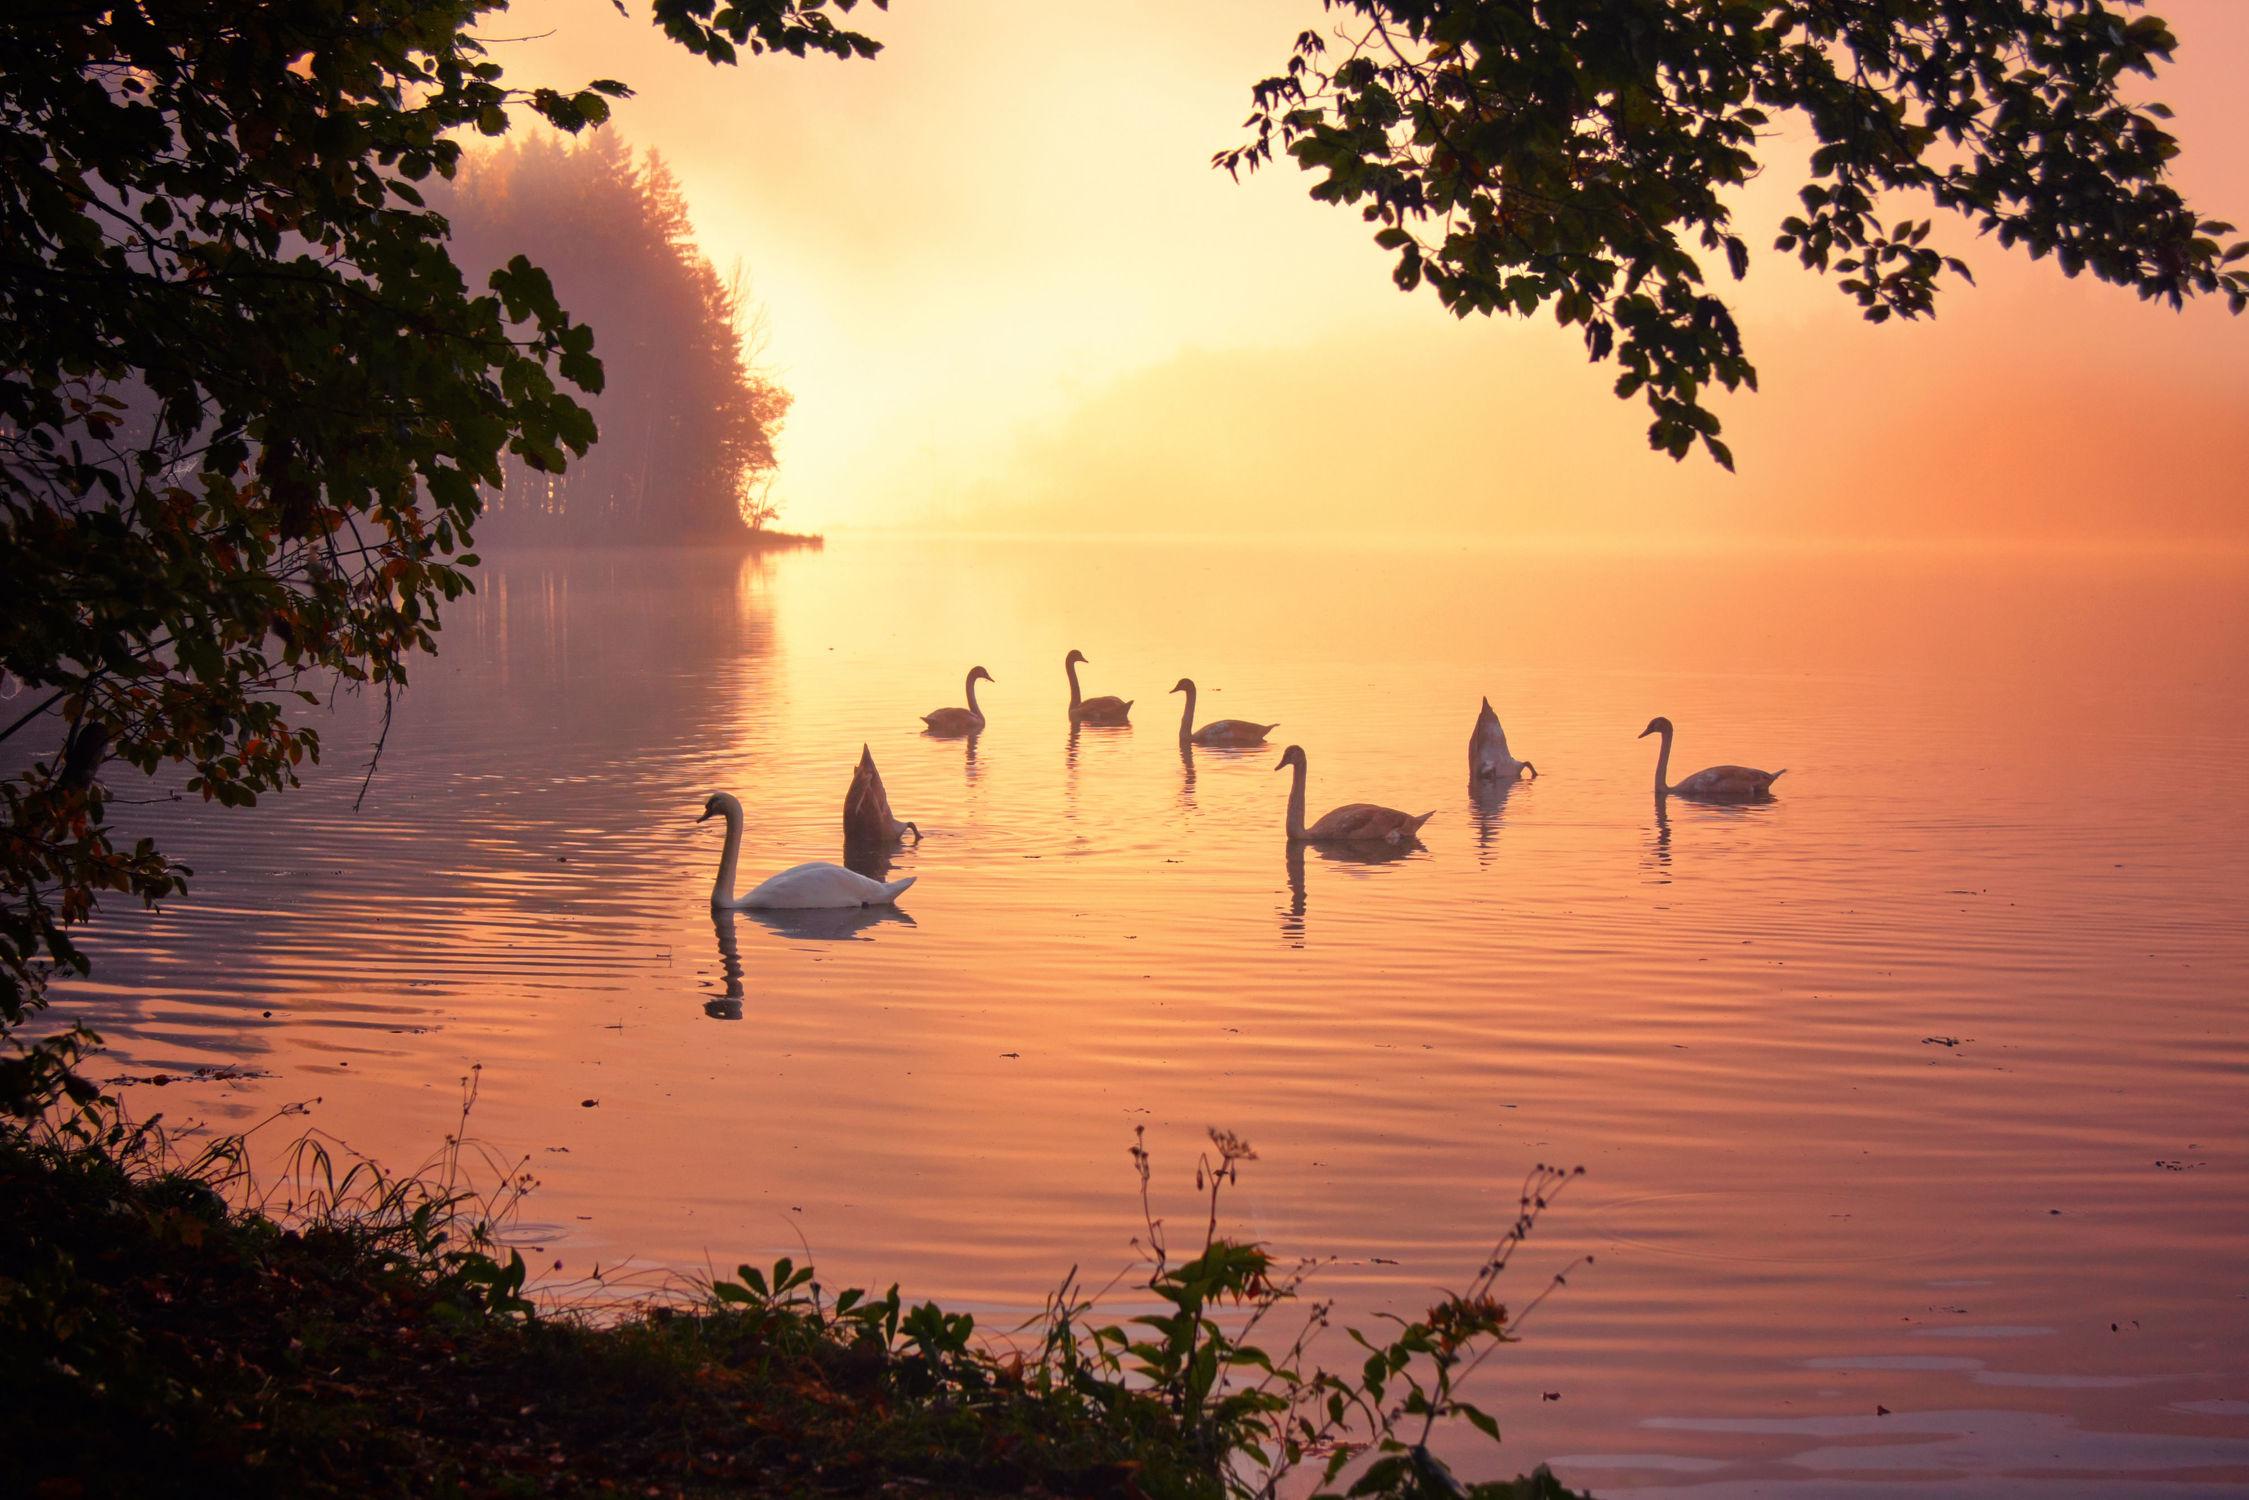 Bild mit Tiere, Natur, Wasser, Gewässer, Sonnenuntergang, Sonnenaufgang, Vögel, Schwäne, Tier, See, schwan